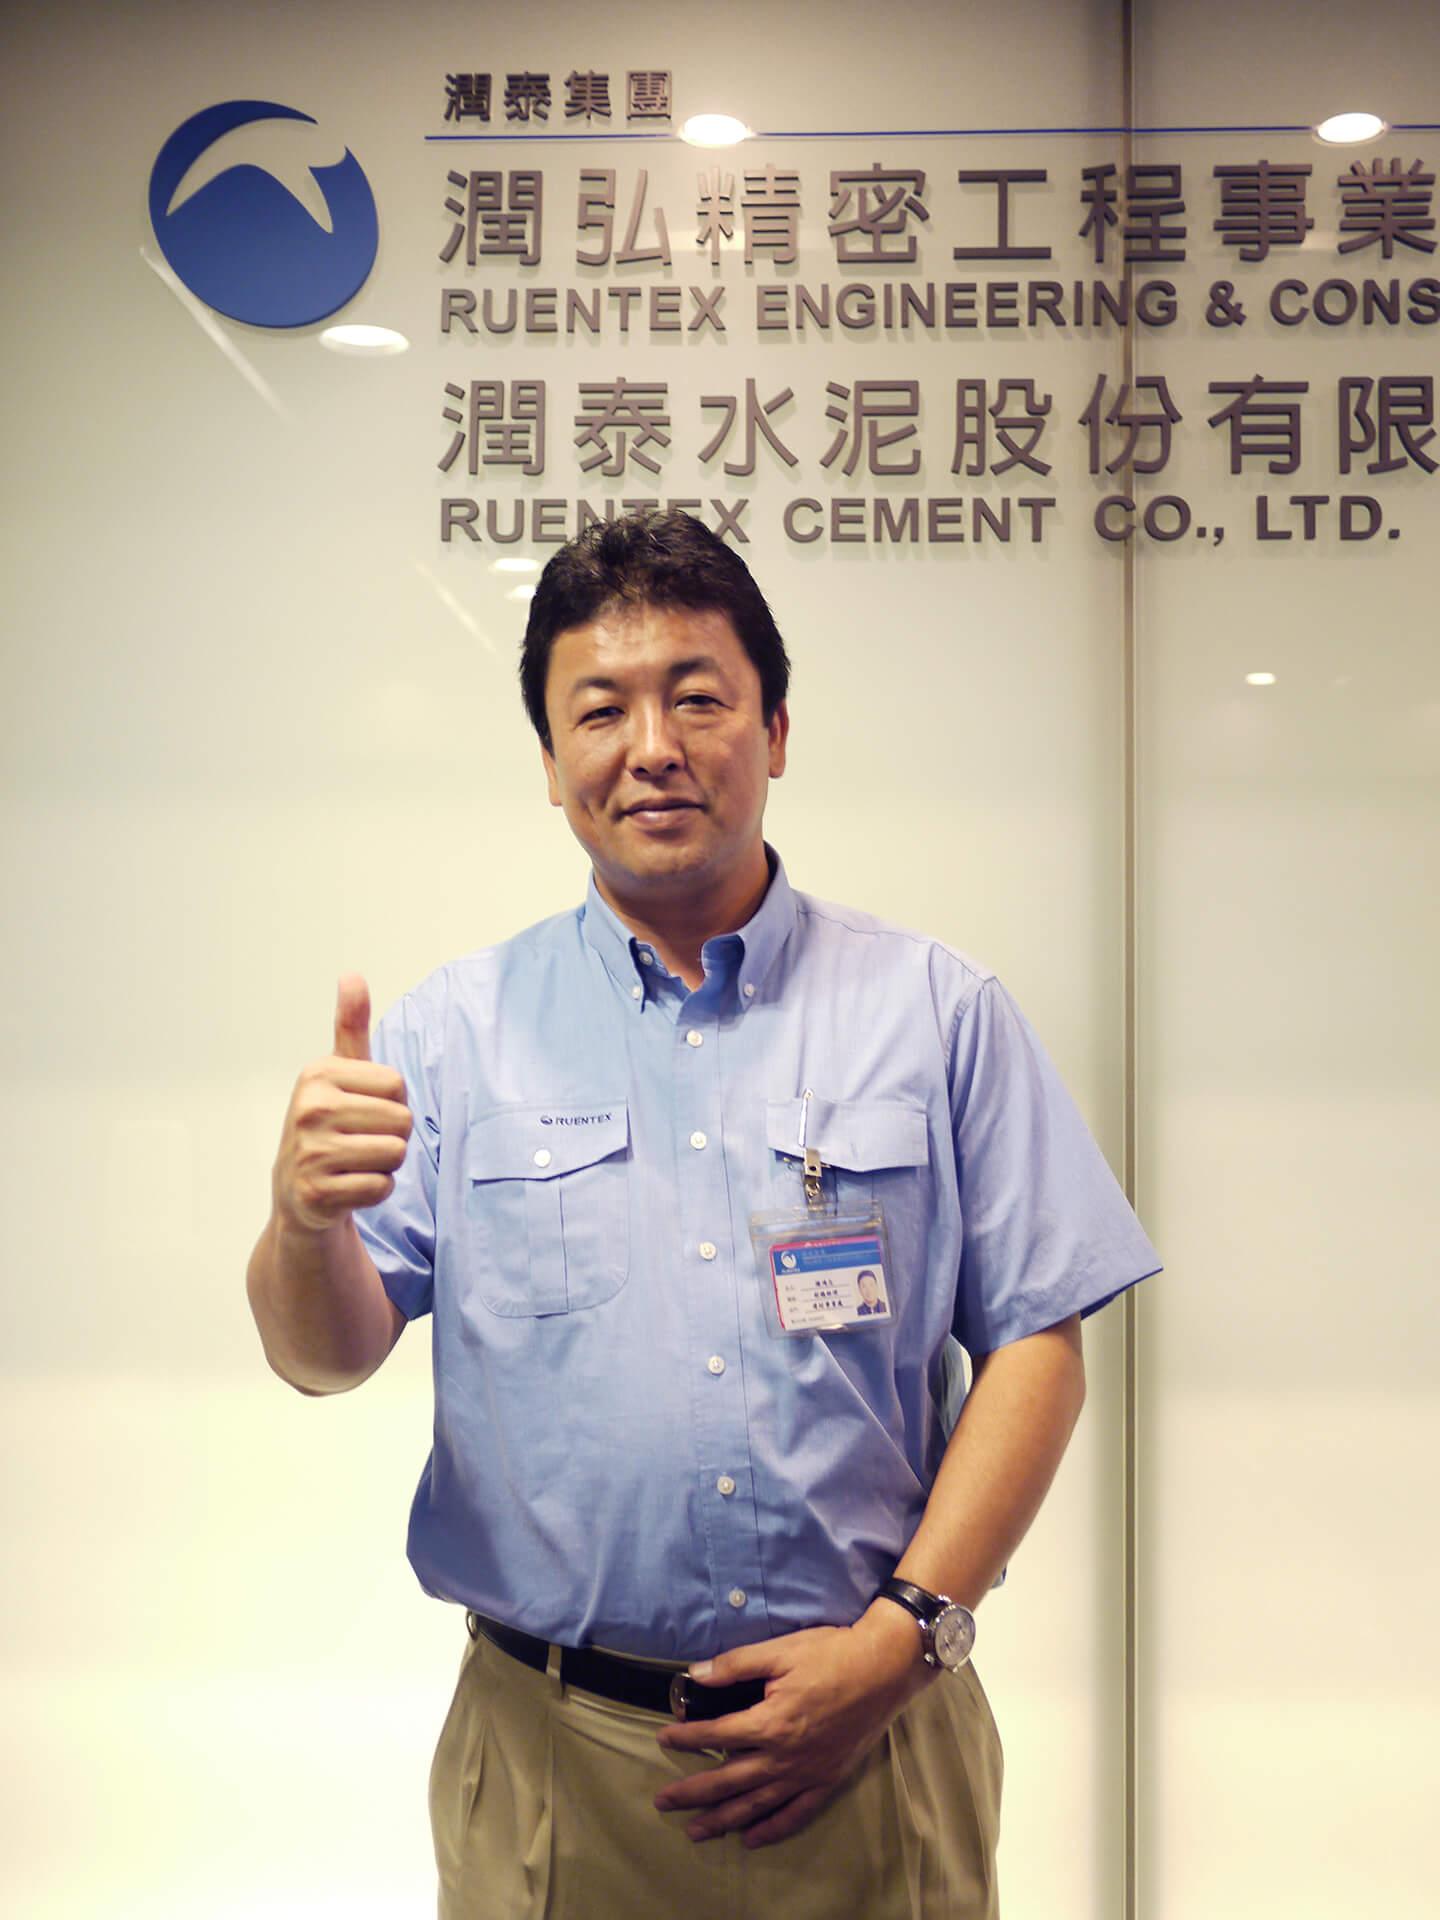 潤泰營建集團副總經理 楊鴻志